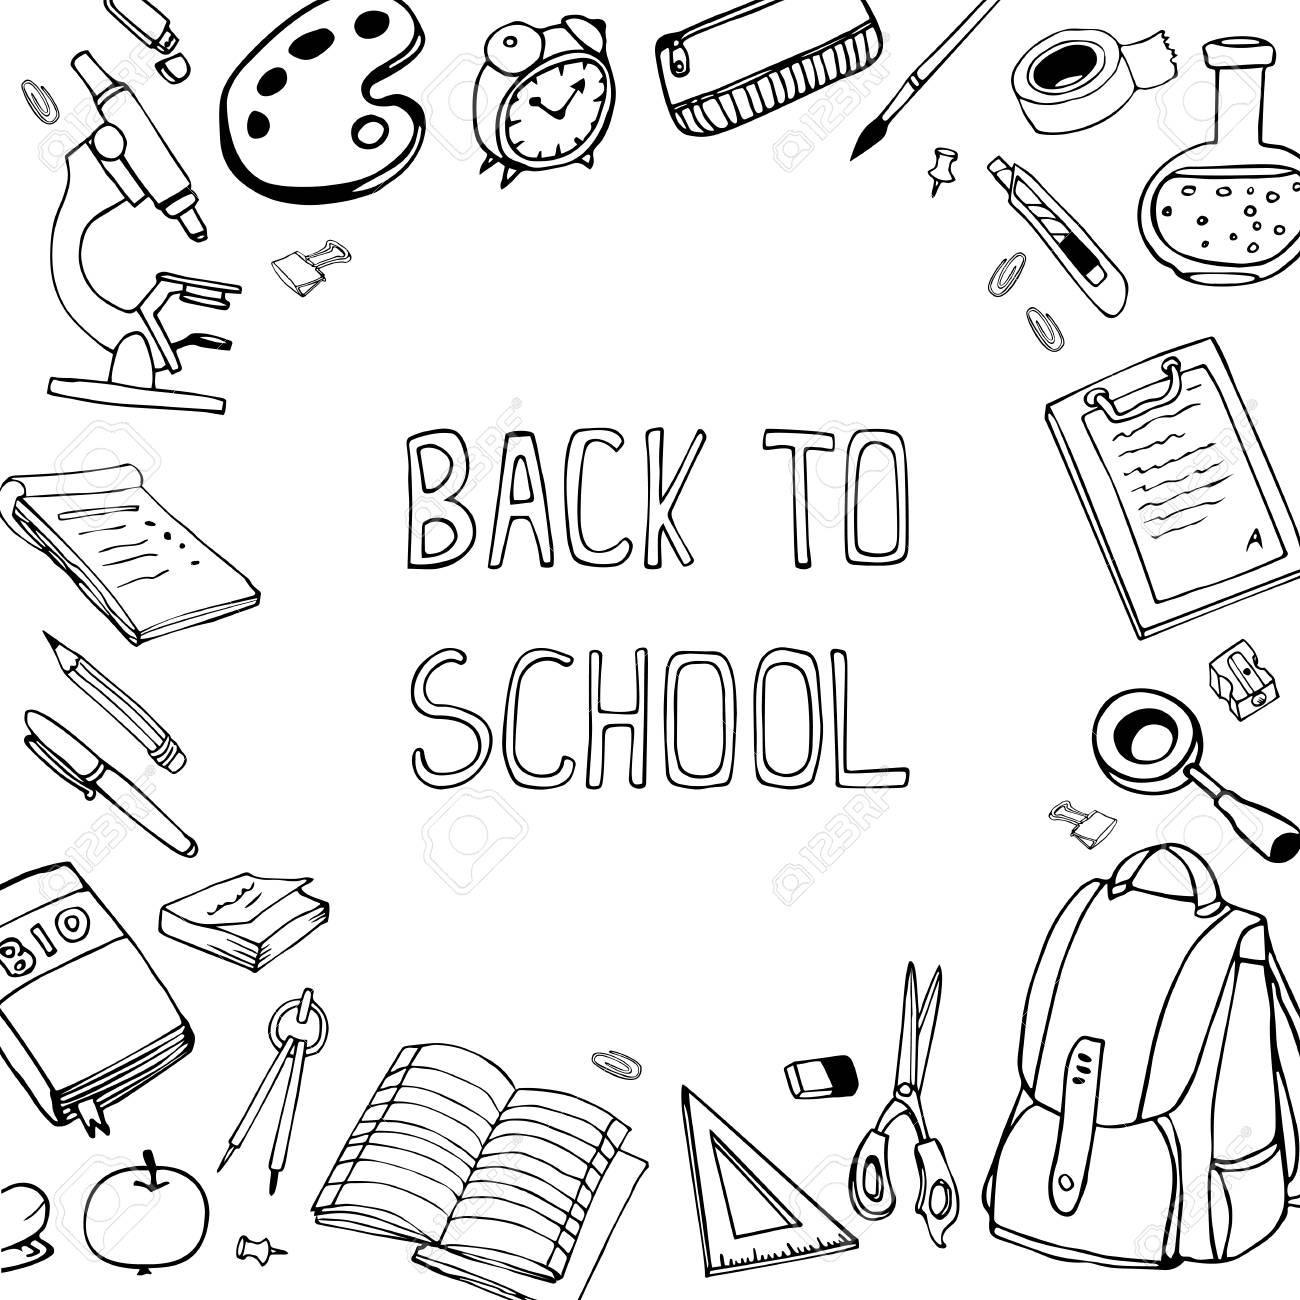 Retour A L Ecole Vecteur Illustration Hand Drawn Doodles Materiel Scolaire Clip Art Libres De Droits Vecteurs Et Illustration Image 60917430